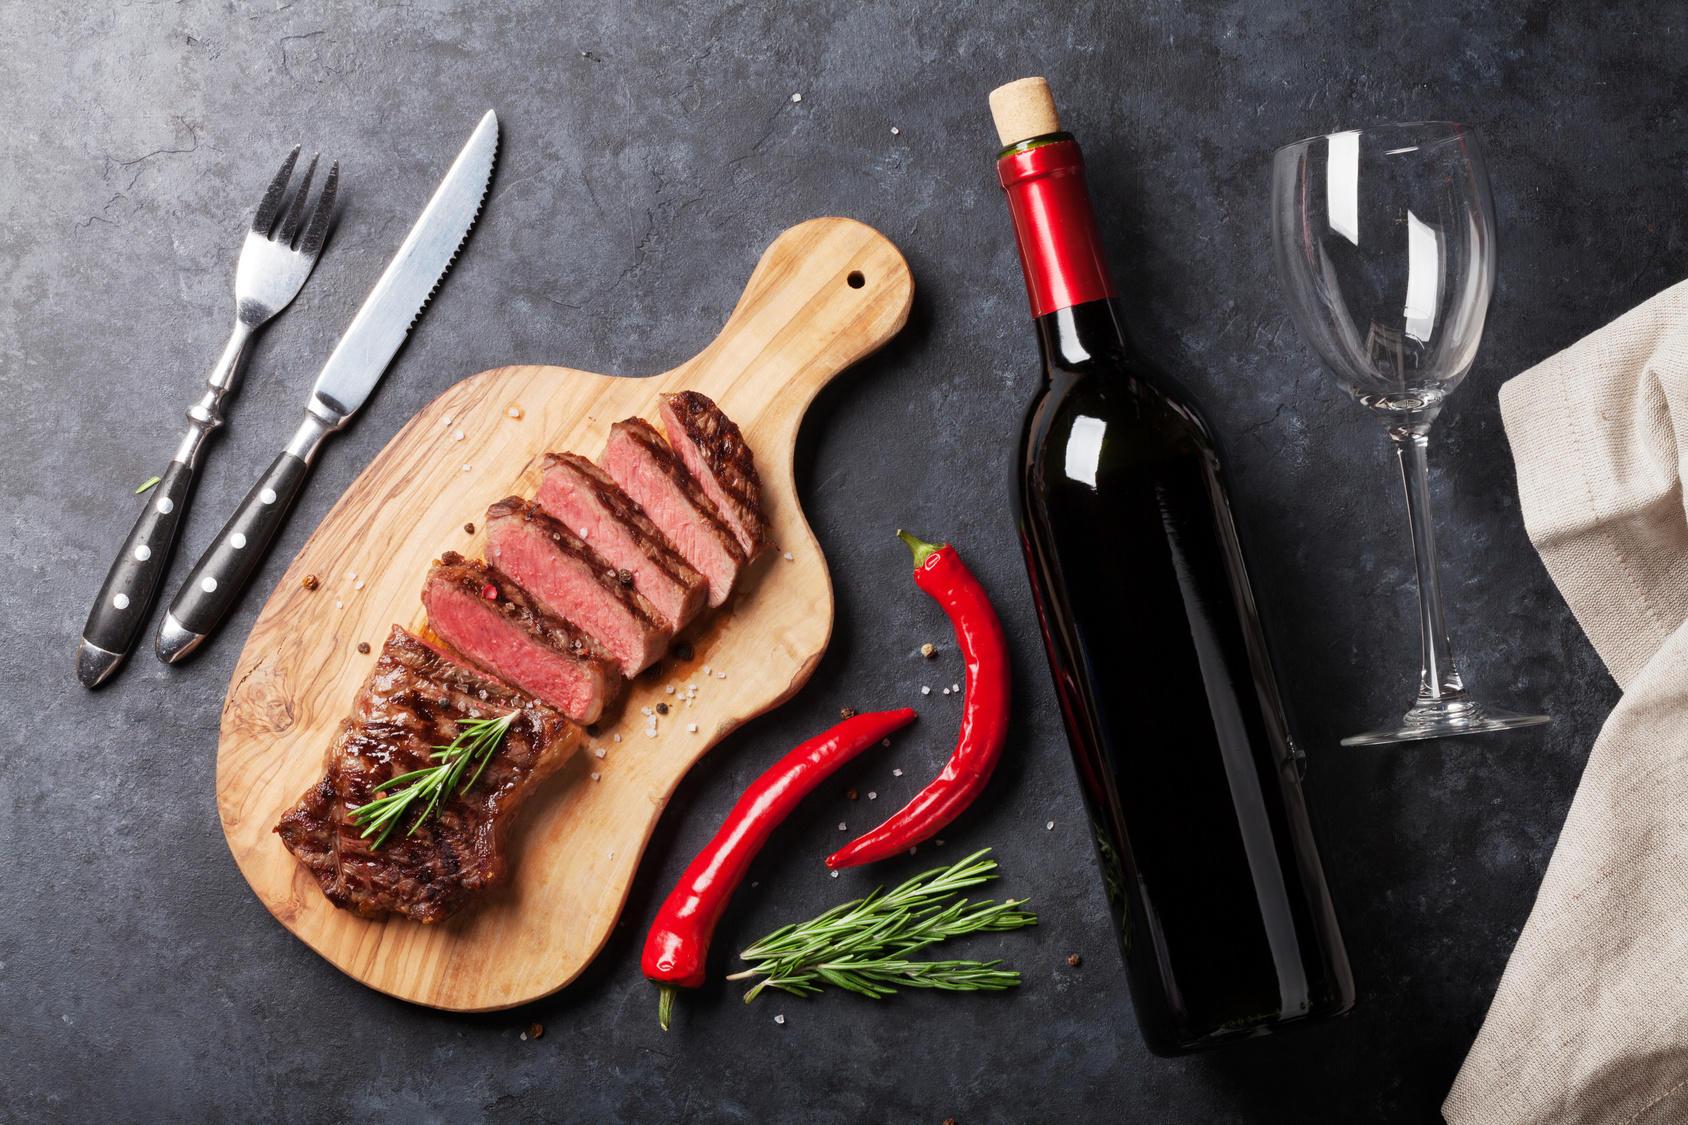 お肉と合わせたい家飲みワインの楽しみ方